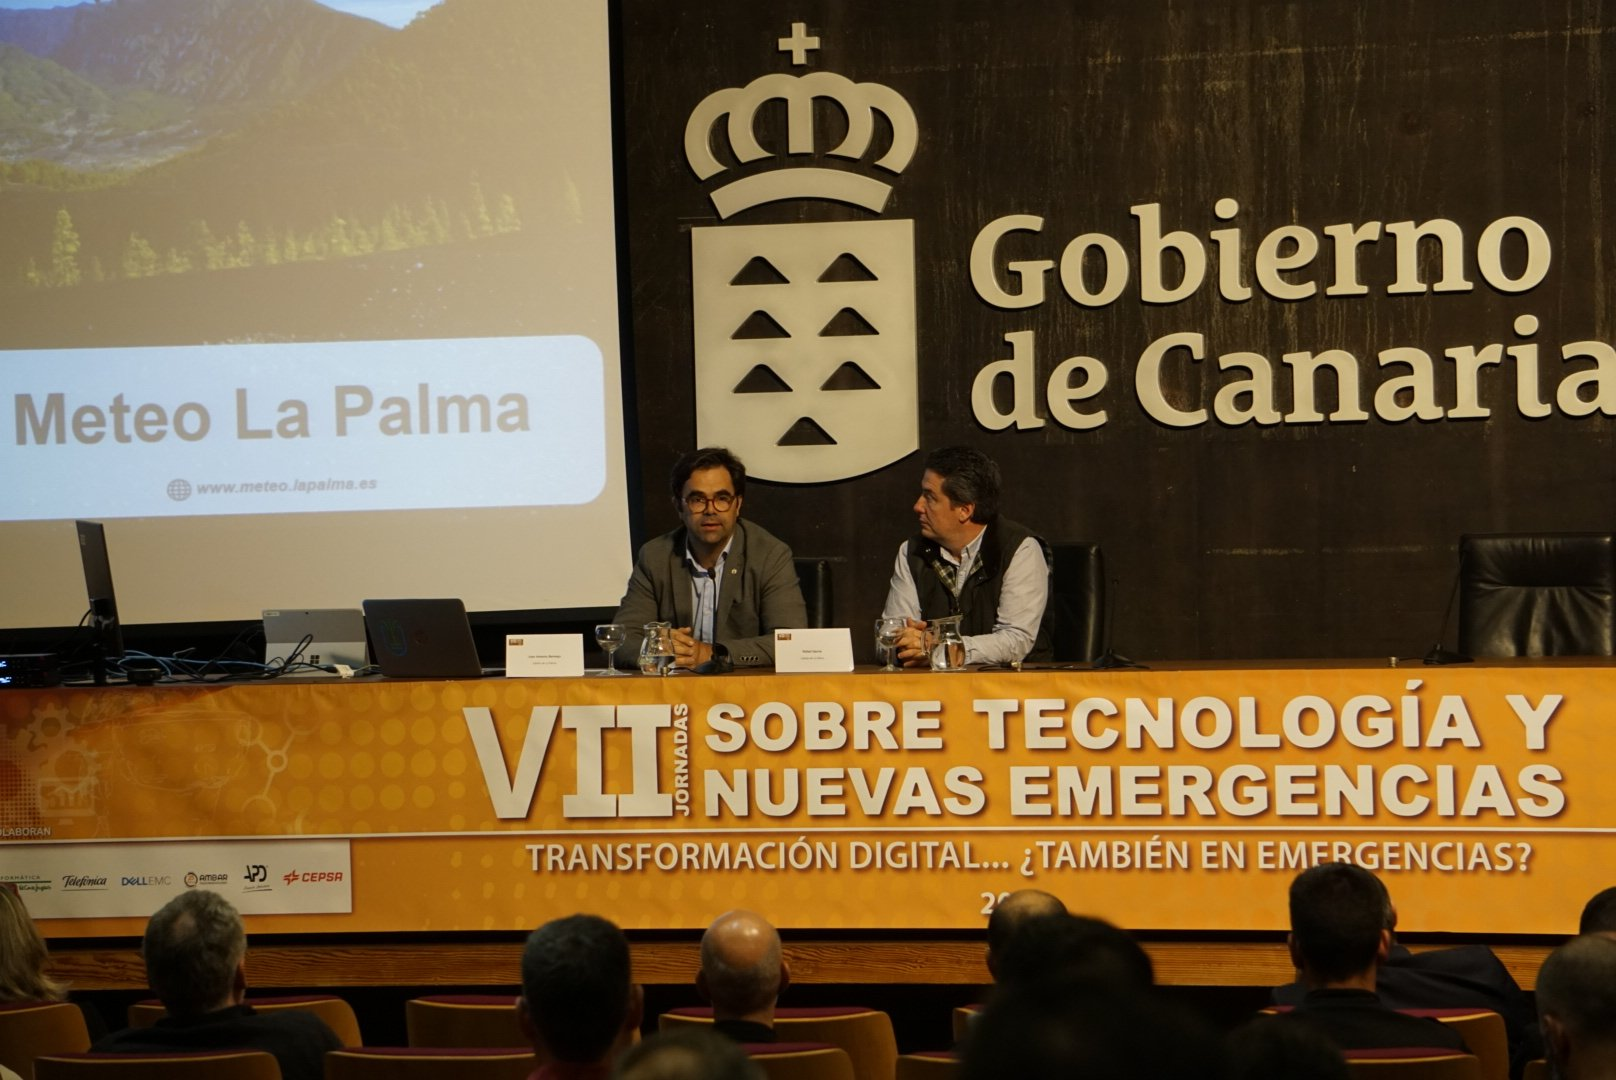 Juan Antonio Bermejo y Rafael Gargía